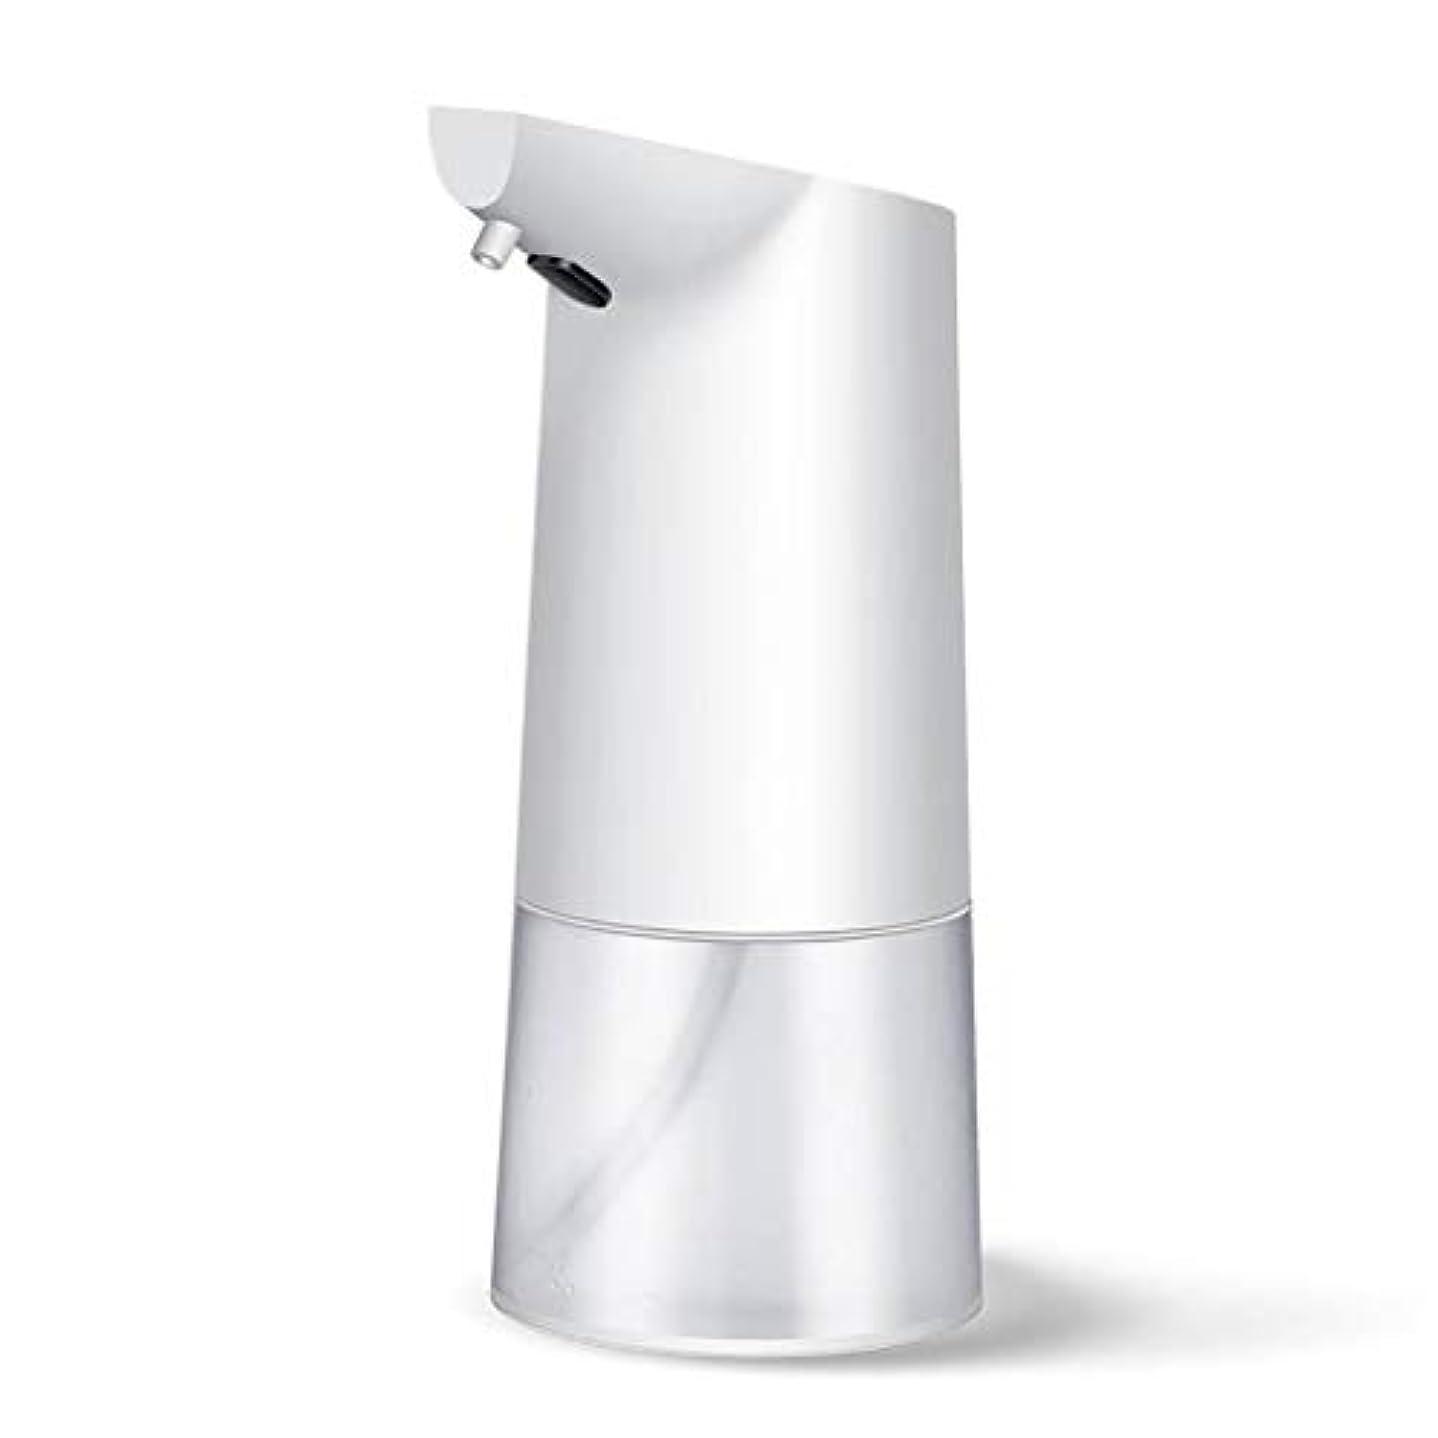 コンピューターを使用するポーズ好きである帰納的 自動 ソープディスペンサ, ABS 大容量 350ML 速い ー 泡 ソープディスペンサ, 液体を追加できます, のために適した 洗面所 公共の機会 -白350ML-8×10×20CM